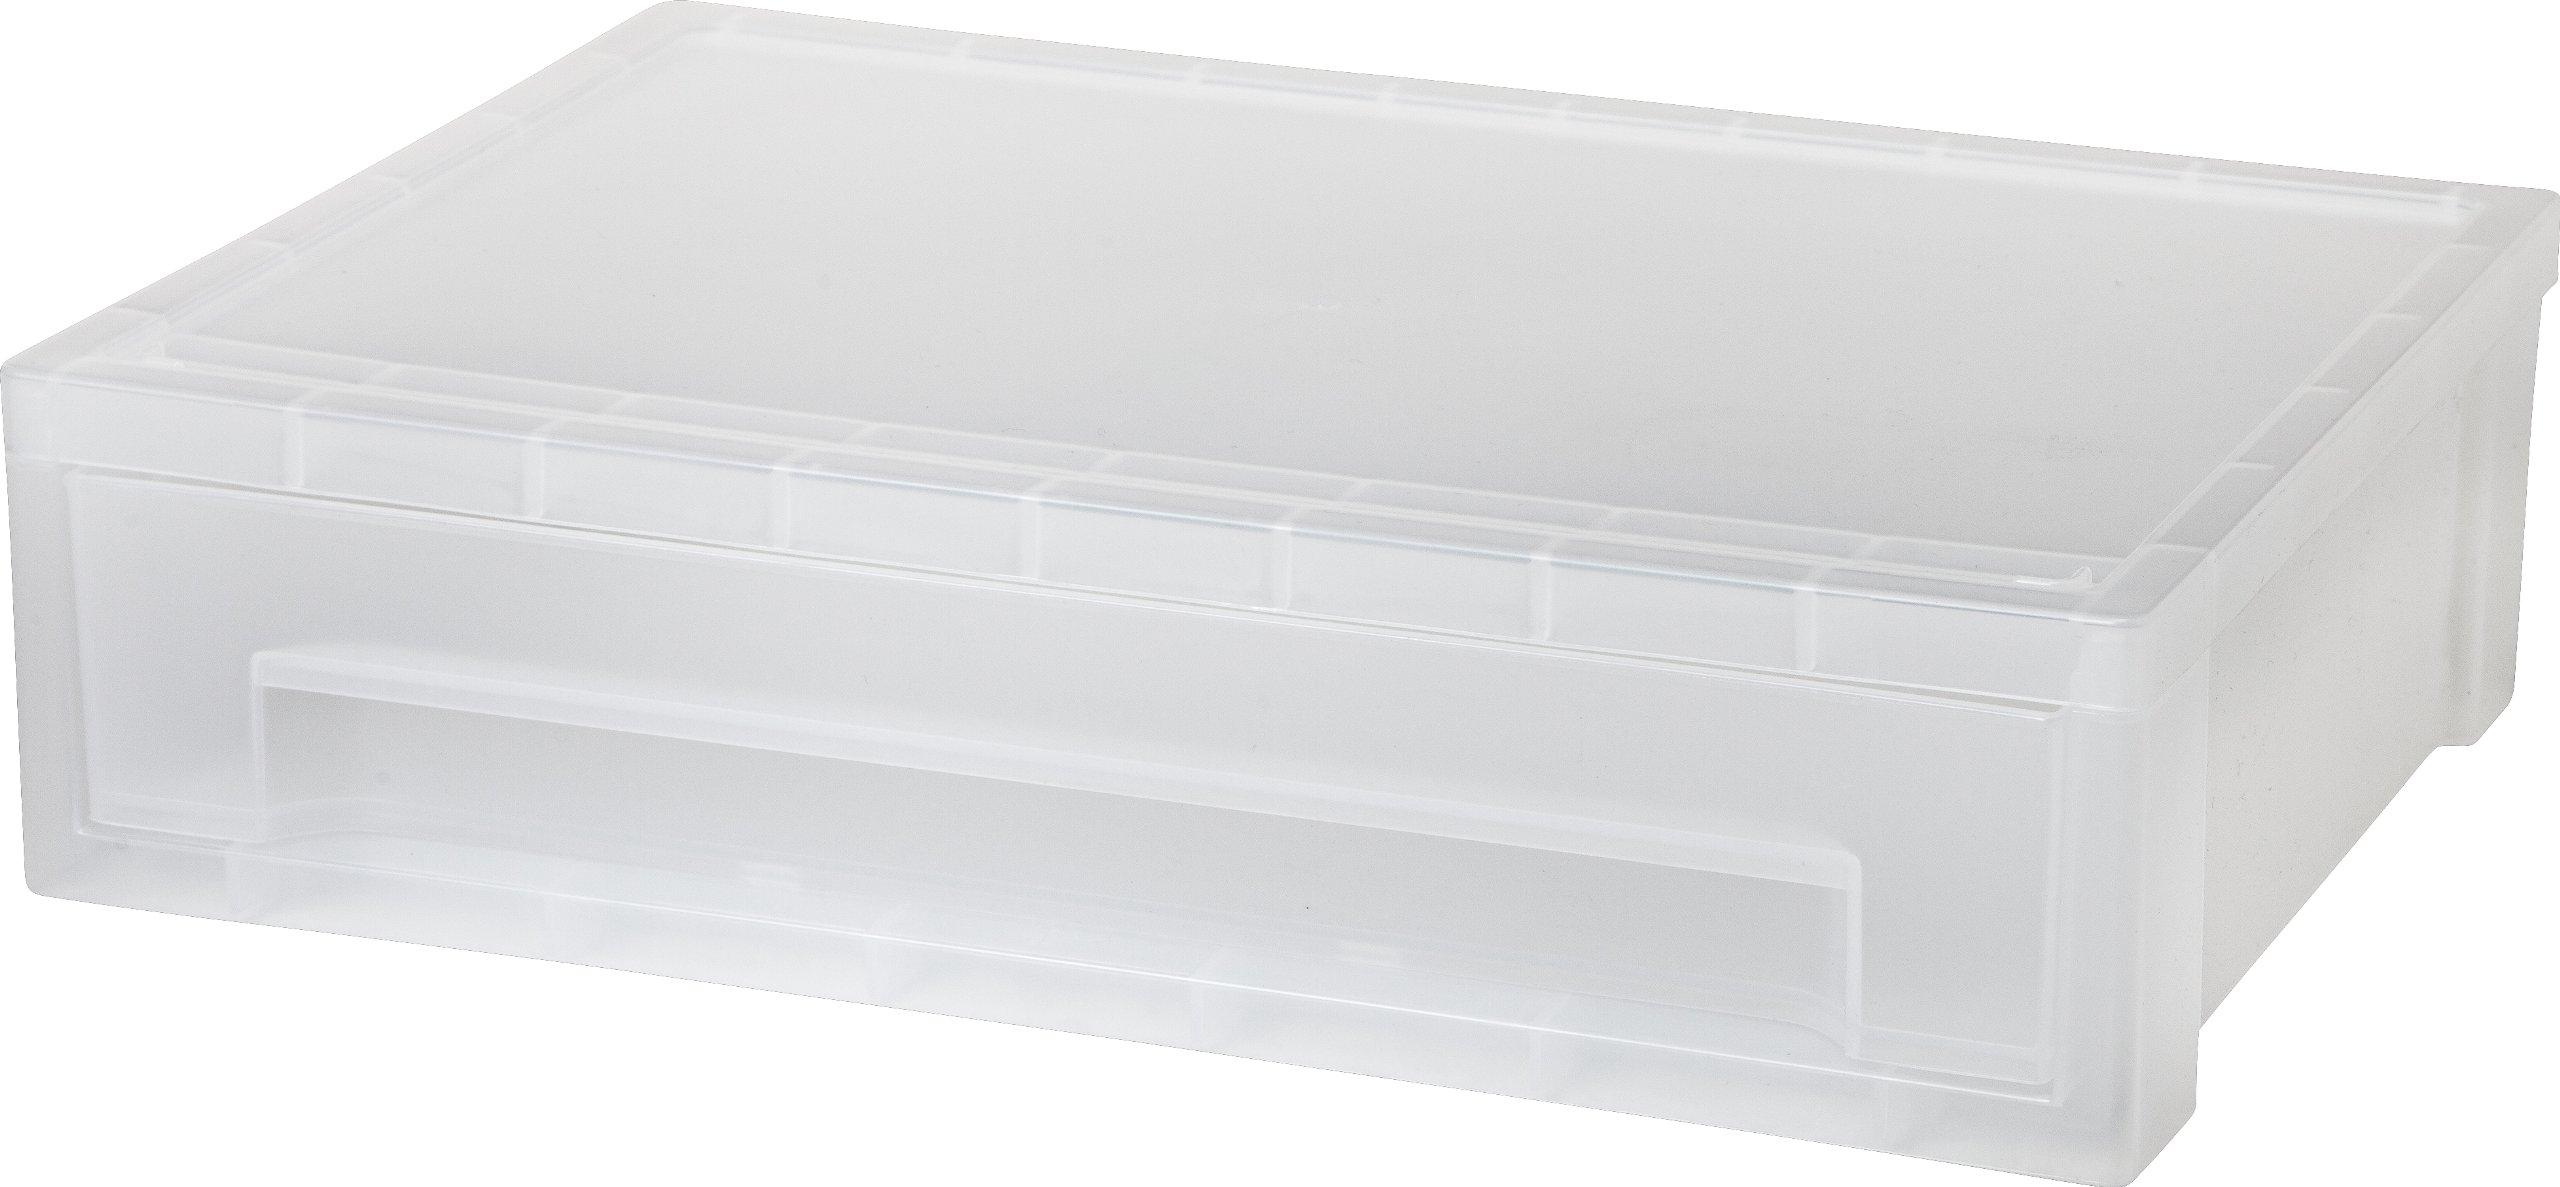 IRIS Large Desktop Stacking Drawer, 6 Pack by IRIS USA, Inc.